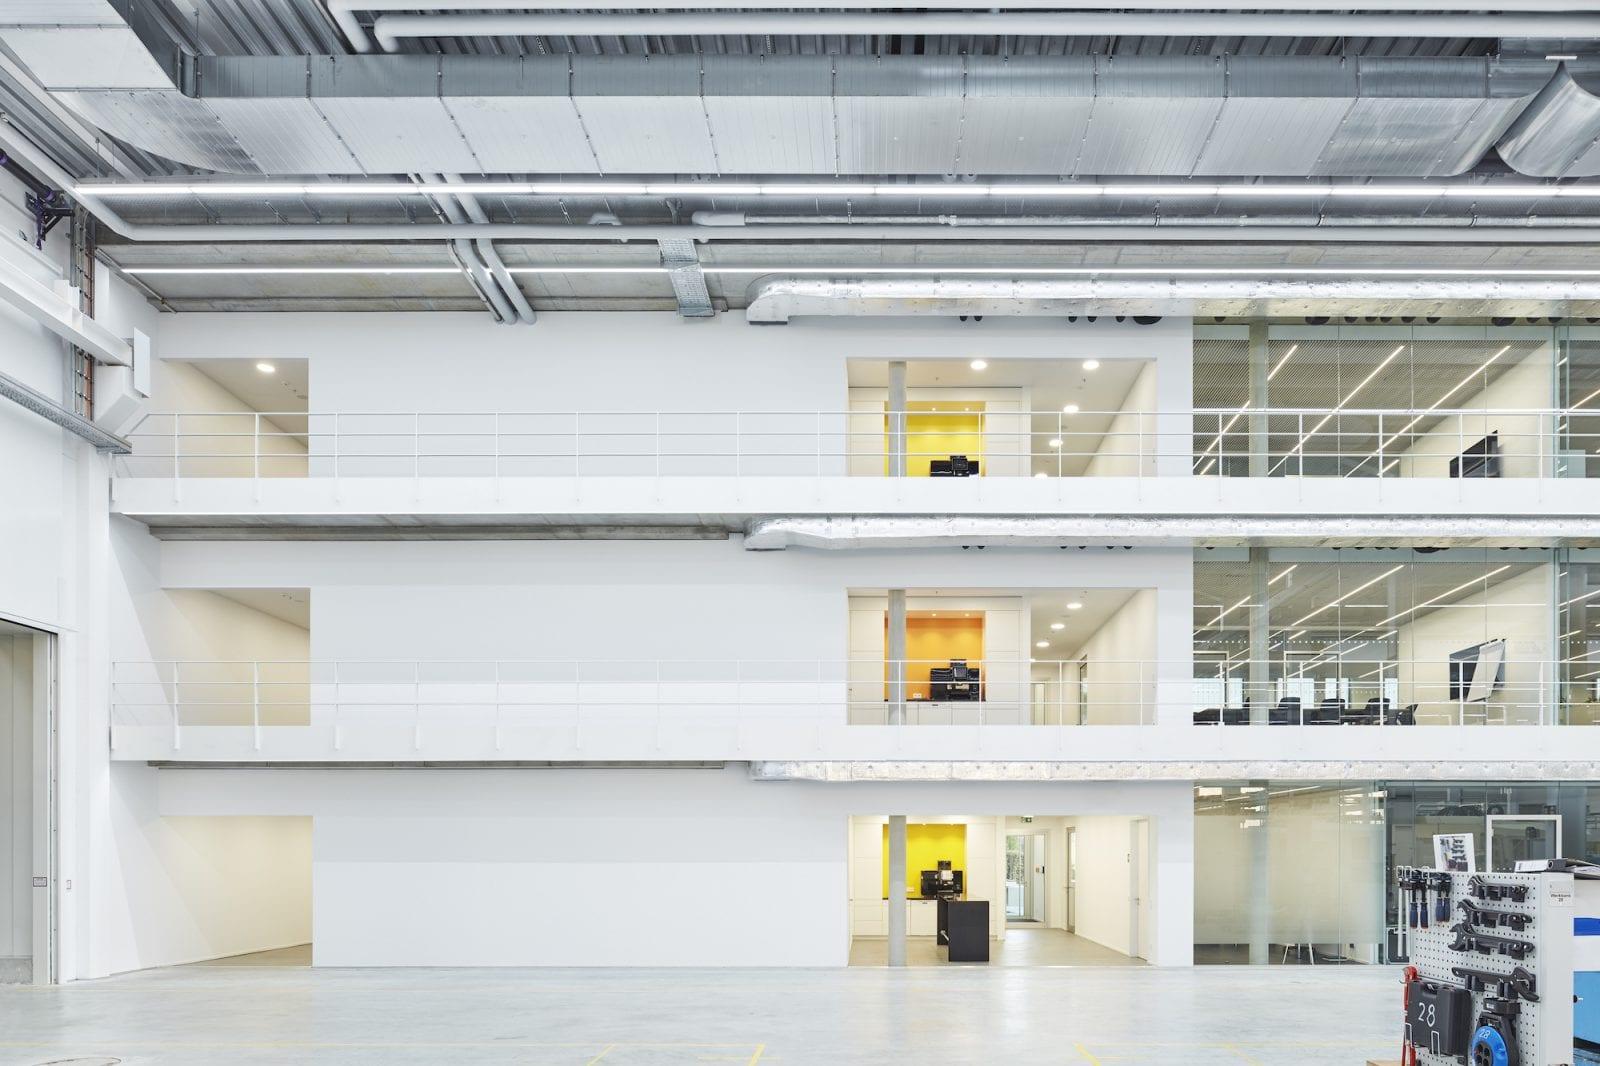 Blick aus der Montagehalle auf den Schulungs- und Bürotrakt (Foto: Dietmar Strauss)